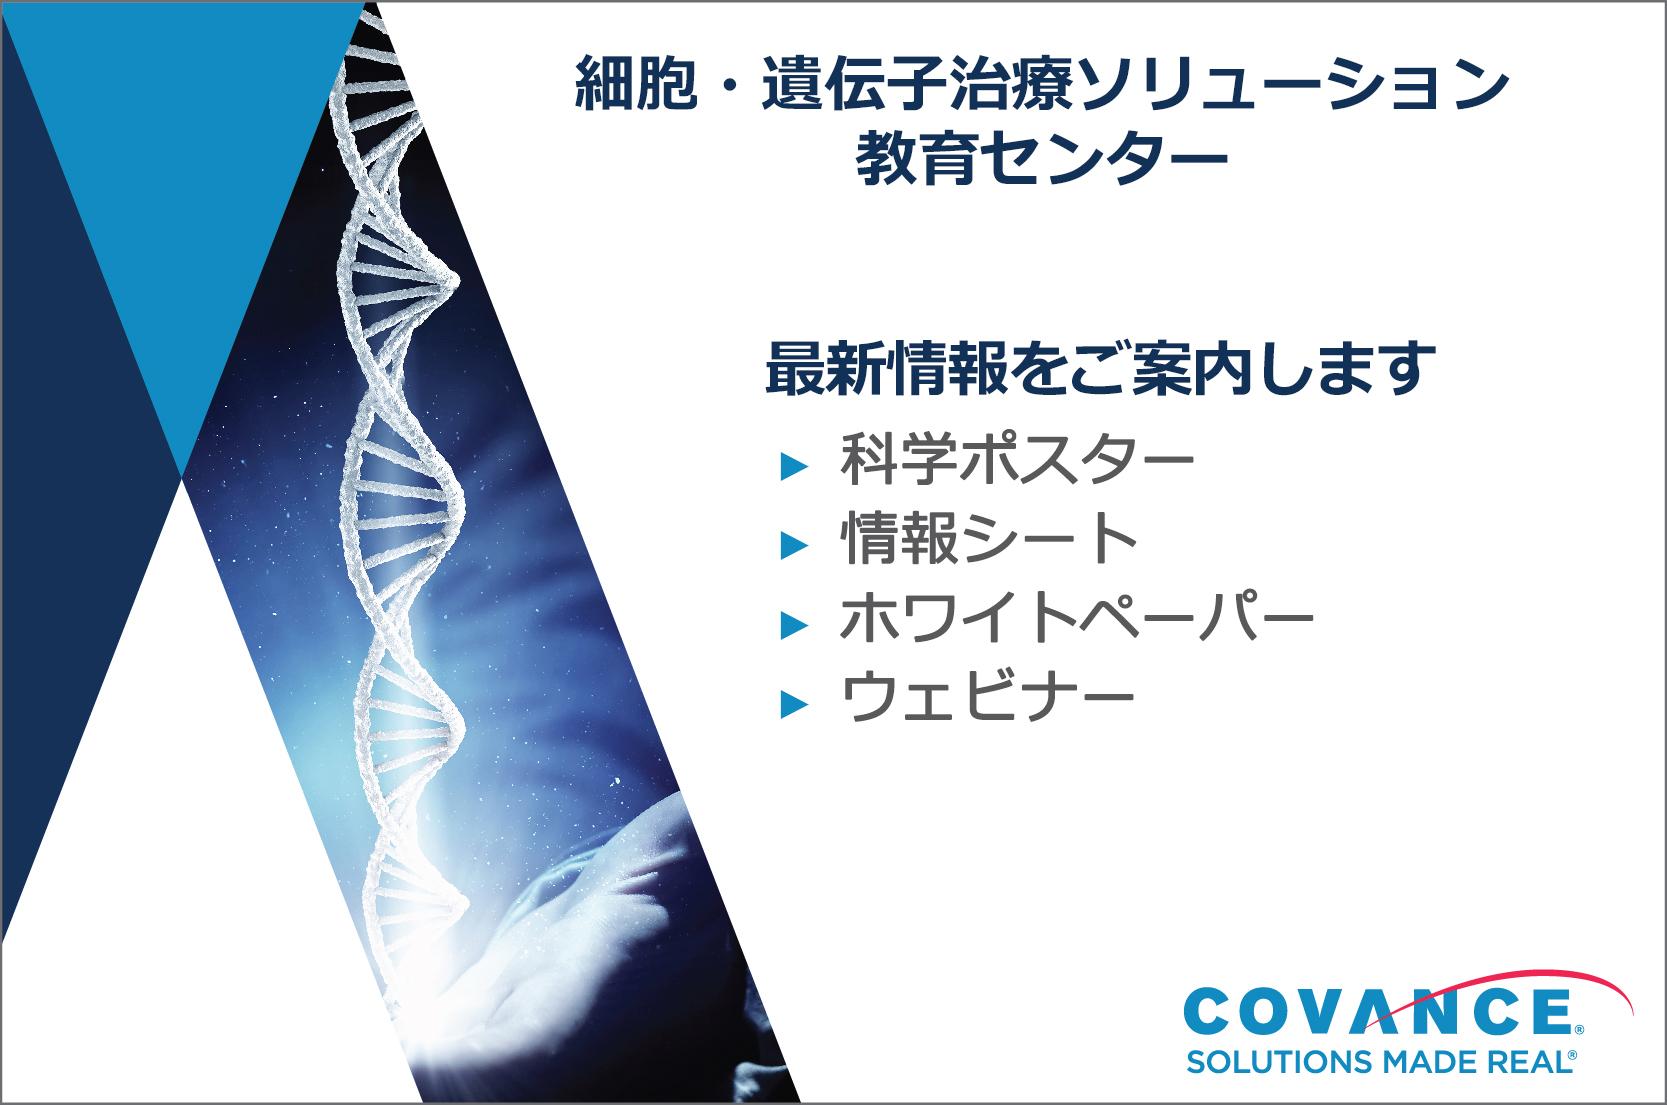 細胞・遺伝子治療教育センター